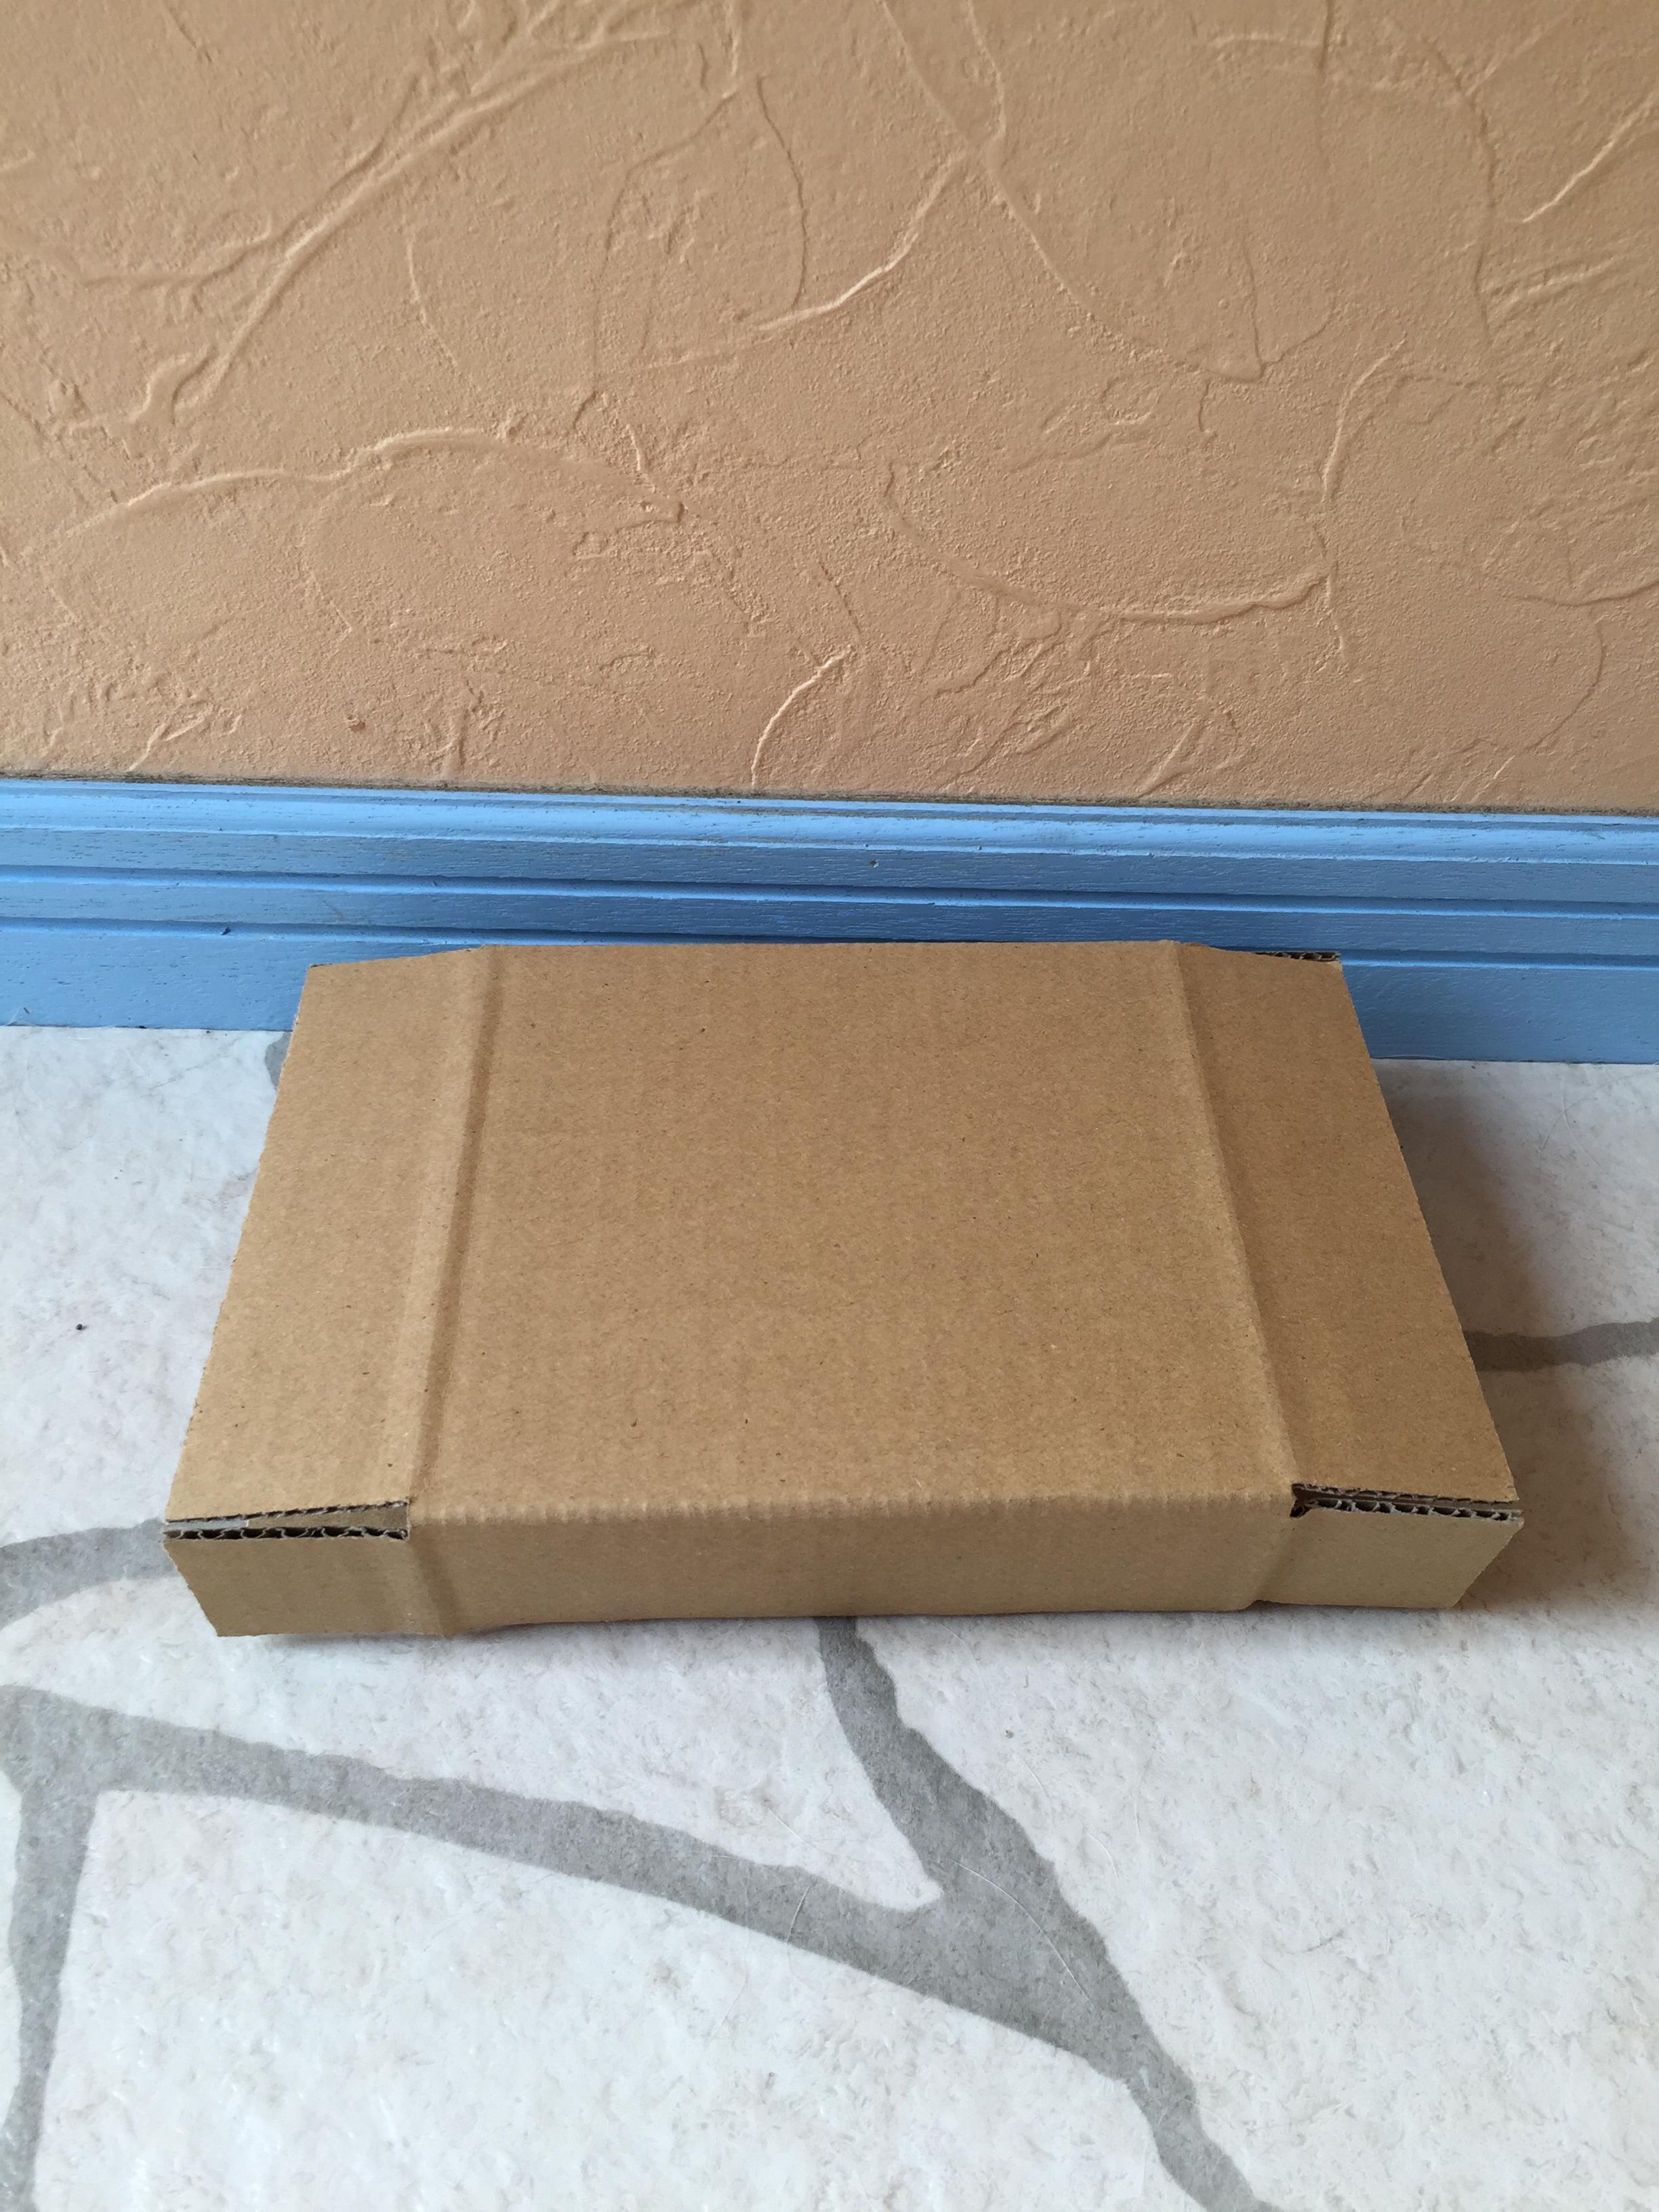 小さいサイズ みかん箱型